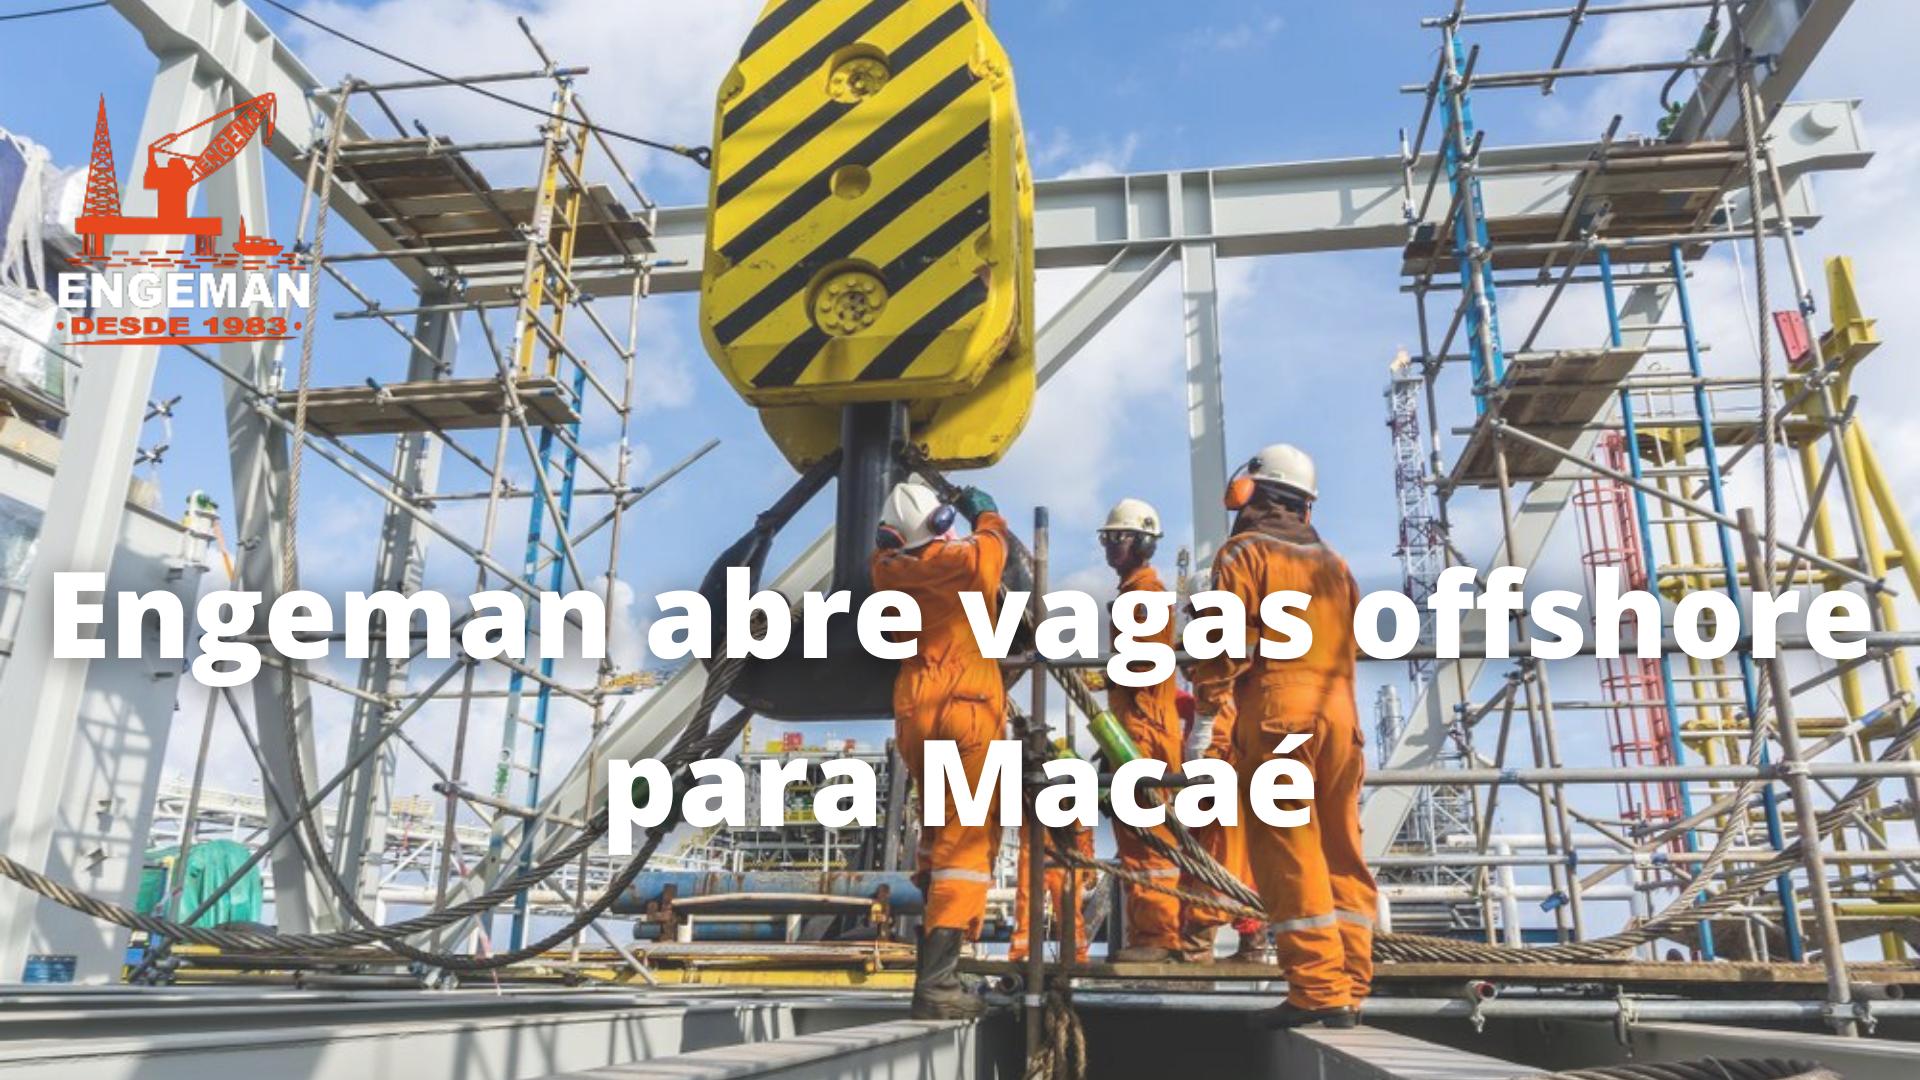 Engeman – Macaé – offshore